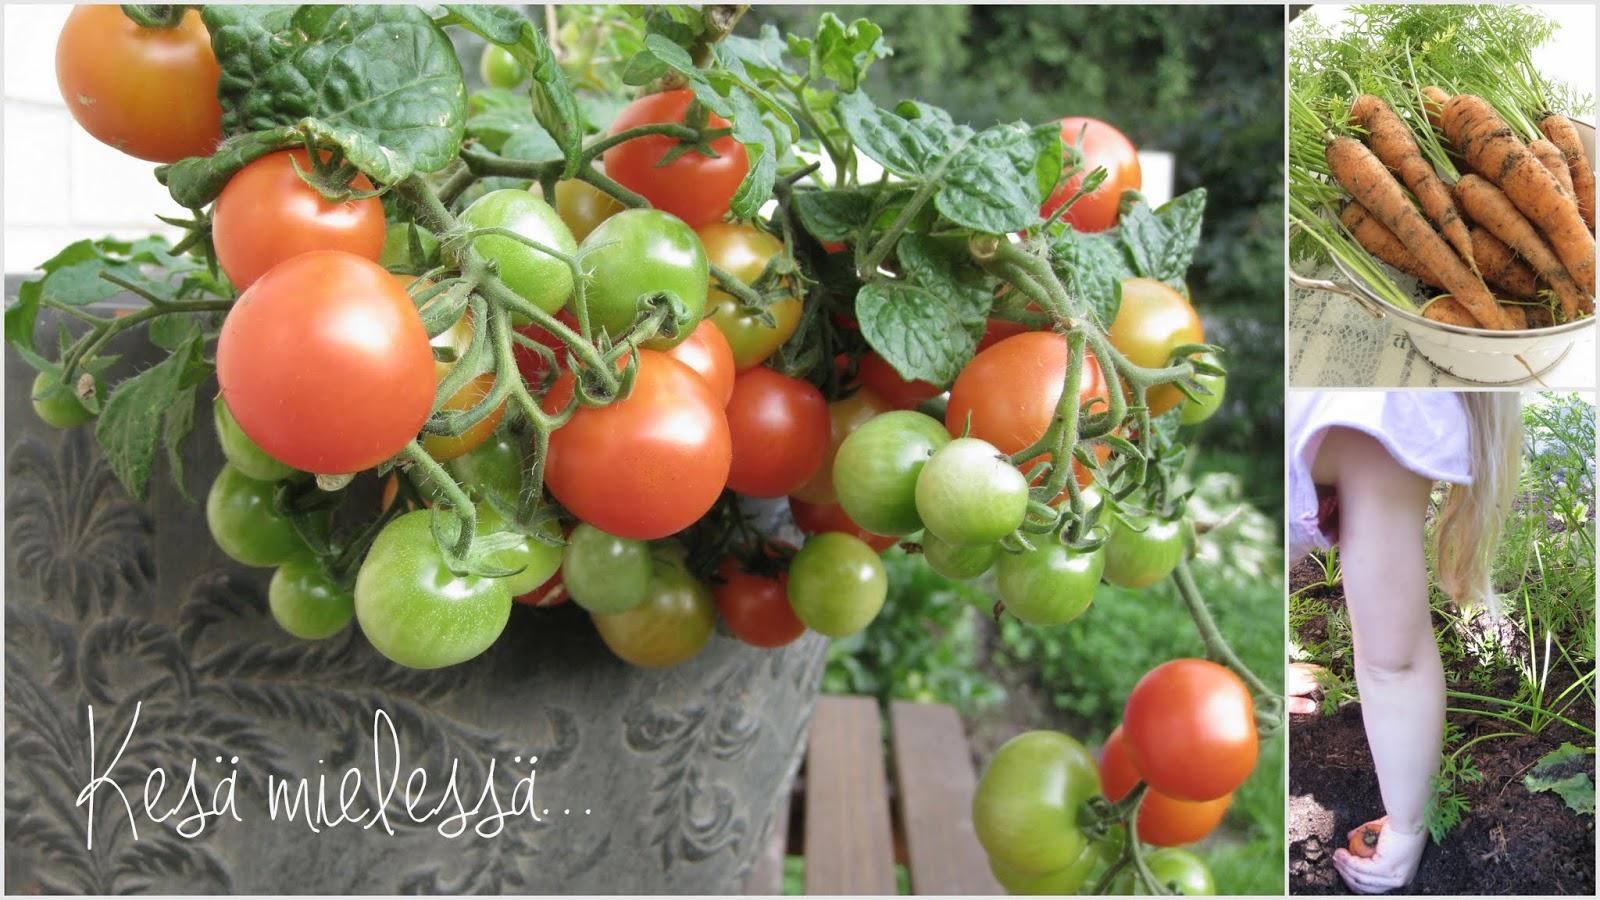 kirsikkatomaatti ruukussa, oman pihan porkkanat, lapsi kasvimaa, porkkanan kasvatus pienellä kasvimaalla